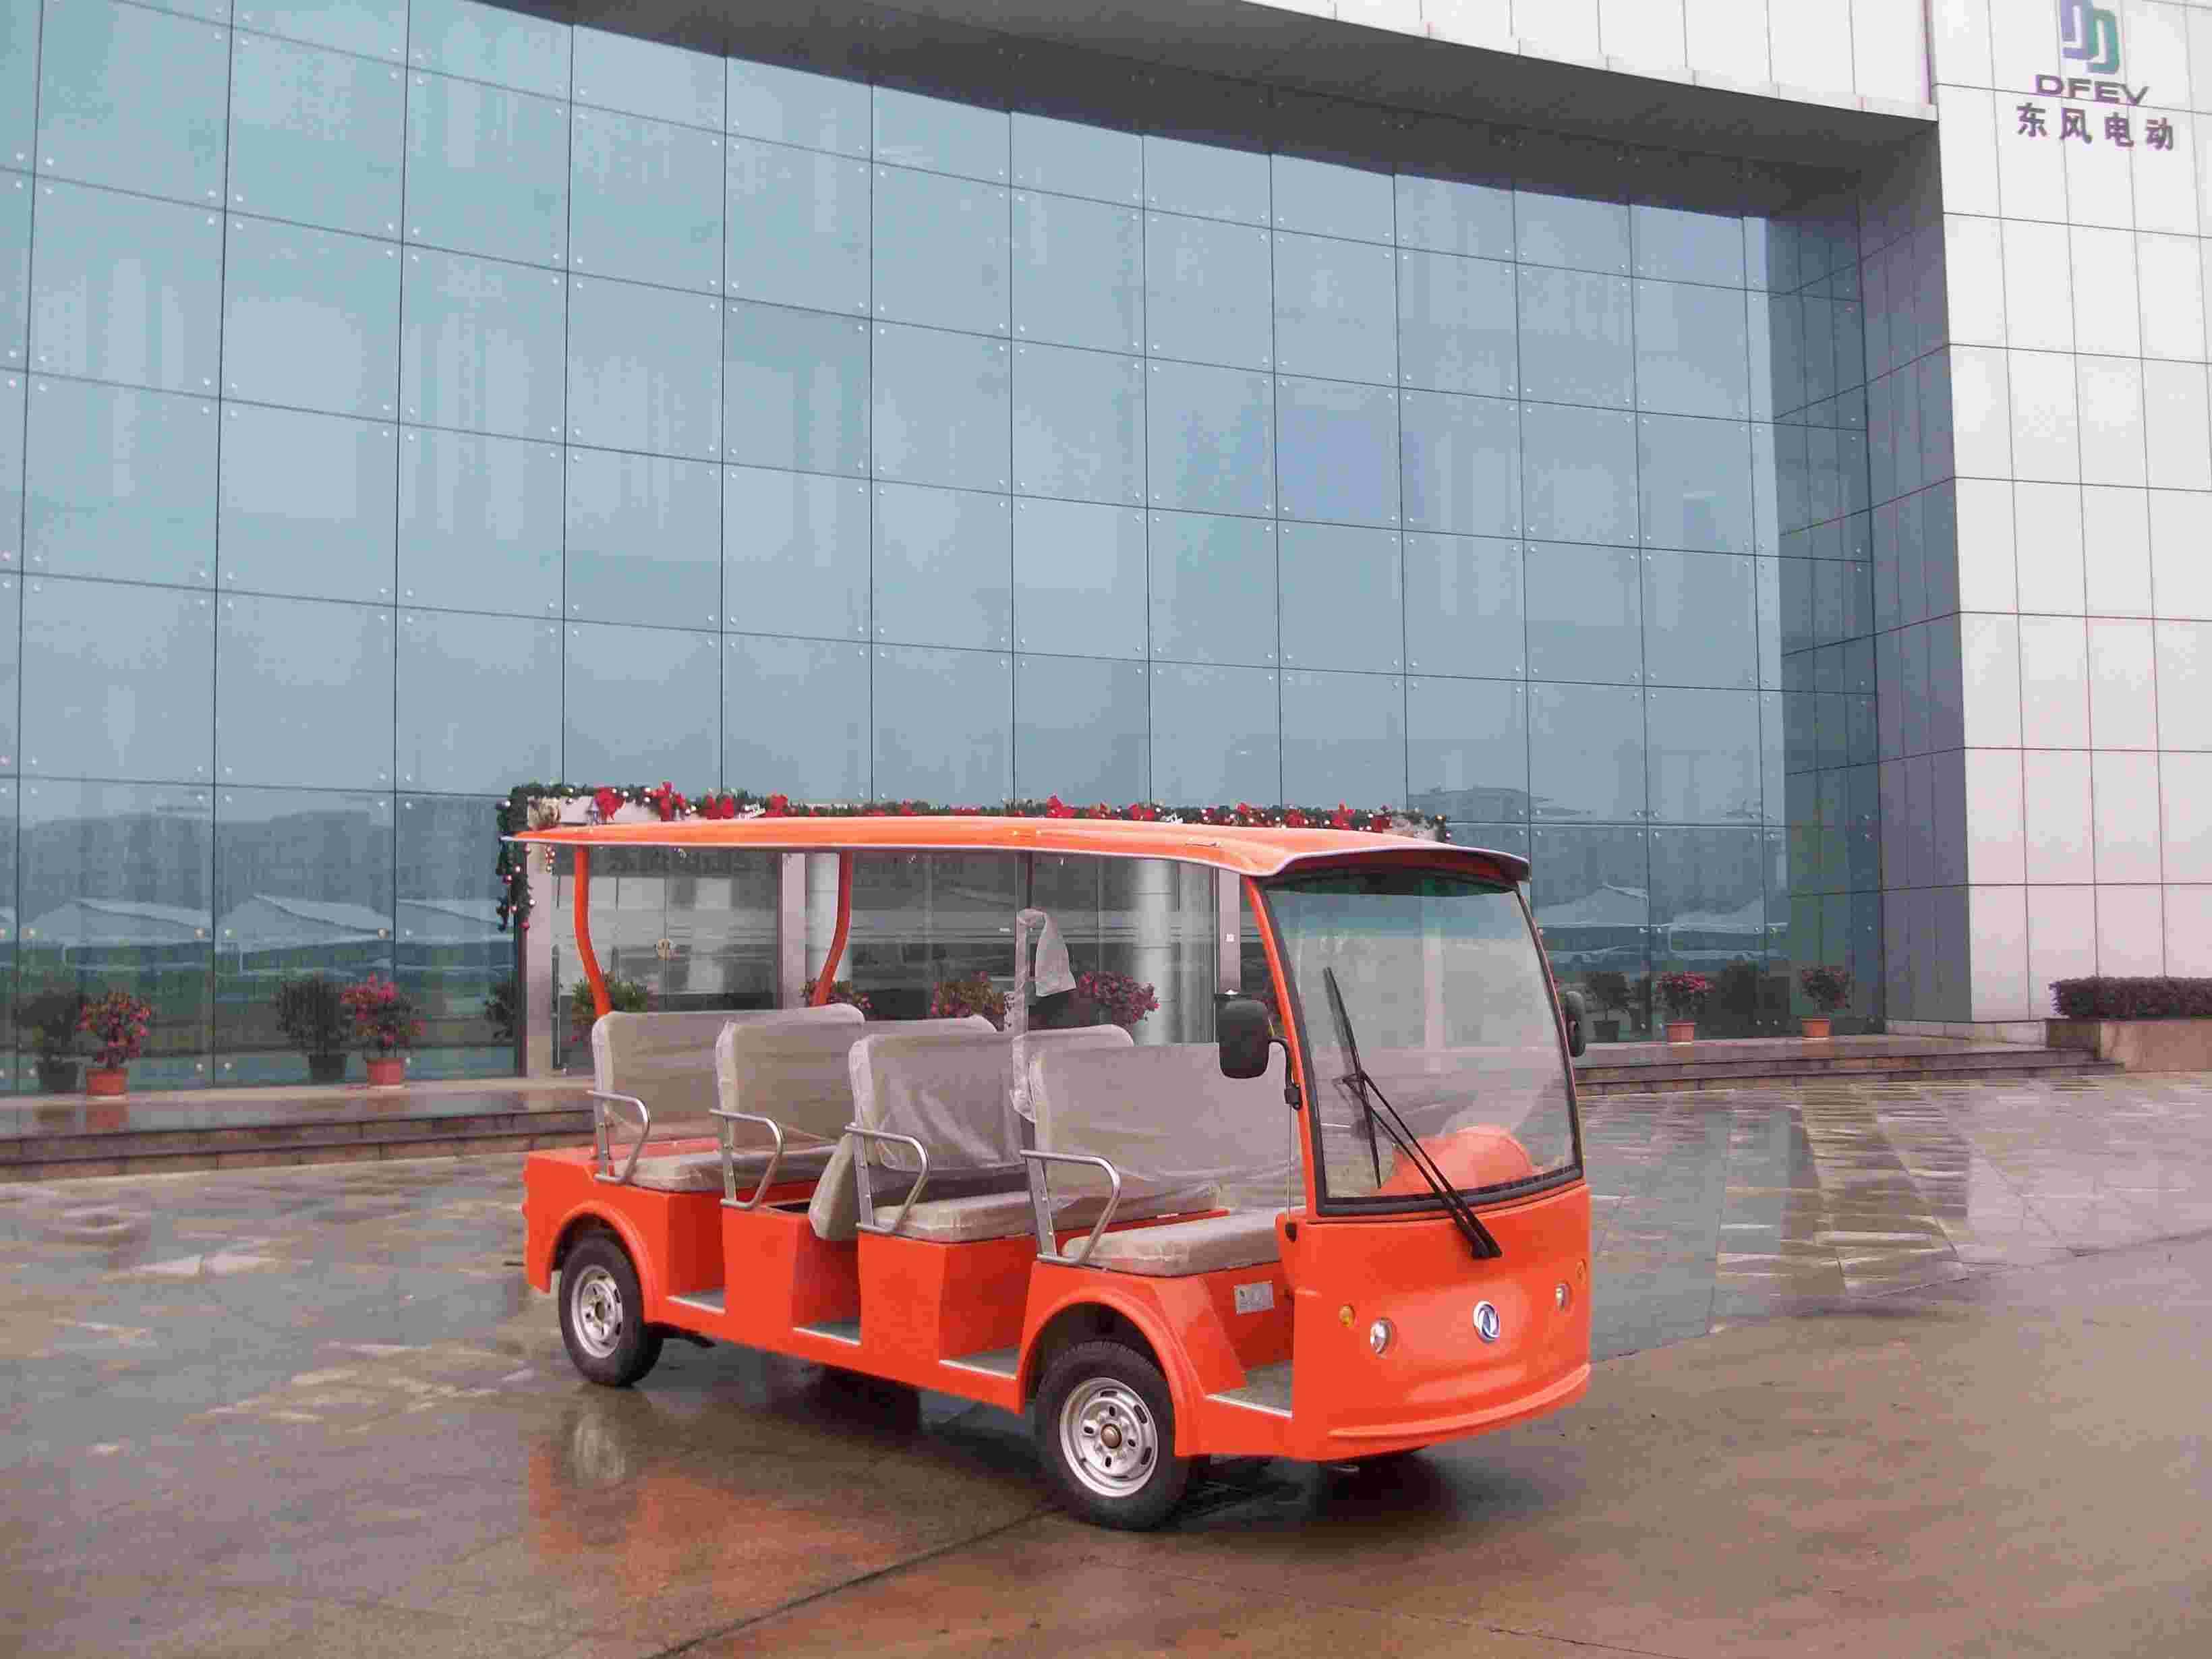 供应东风14座电动景区游览车,东风14座电动景区游览车价格图片